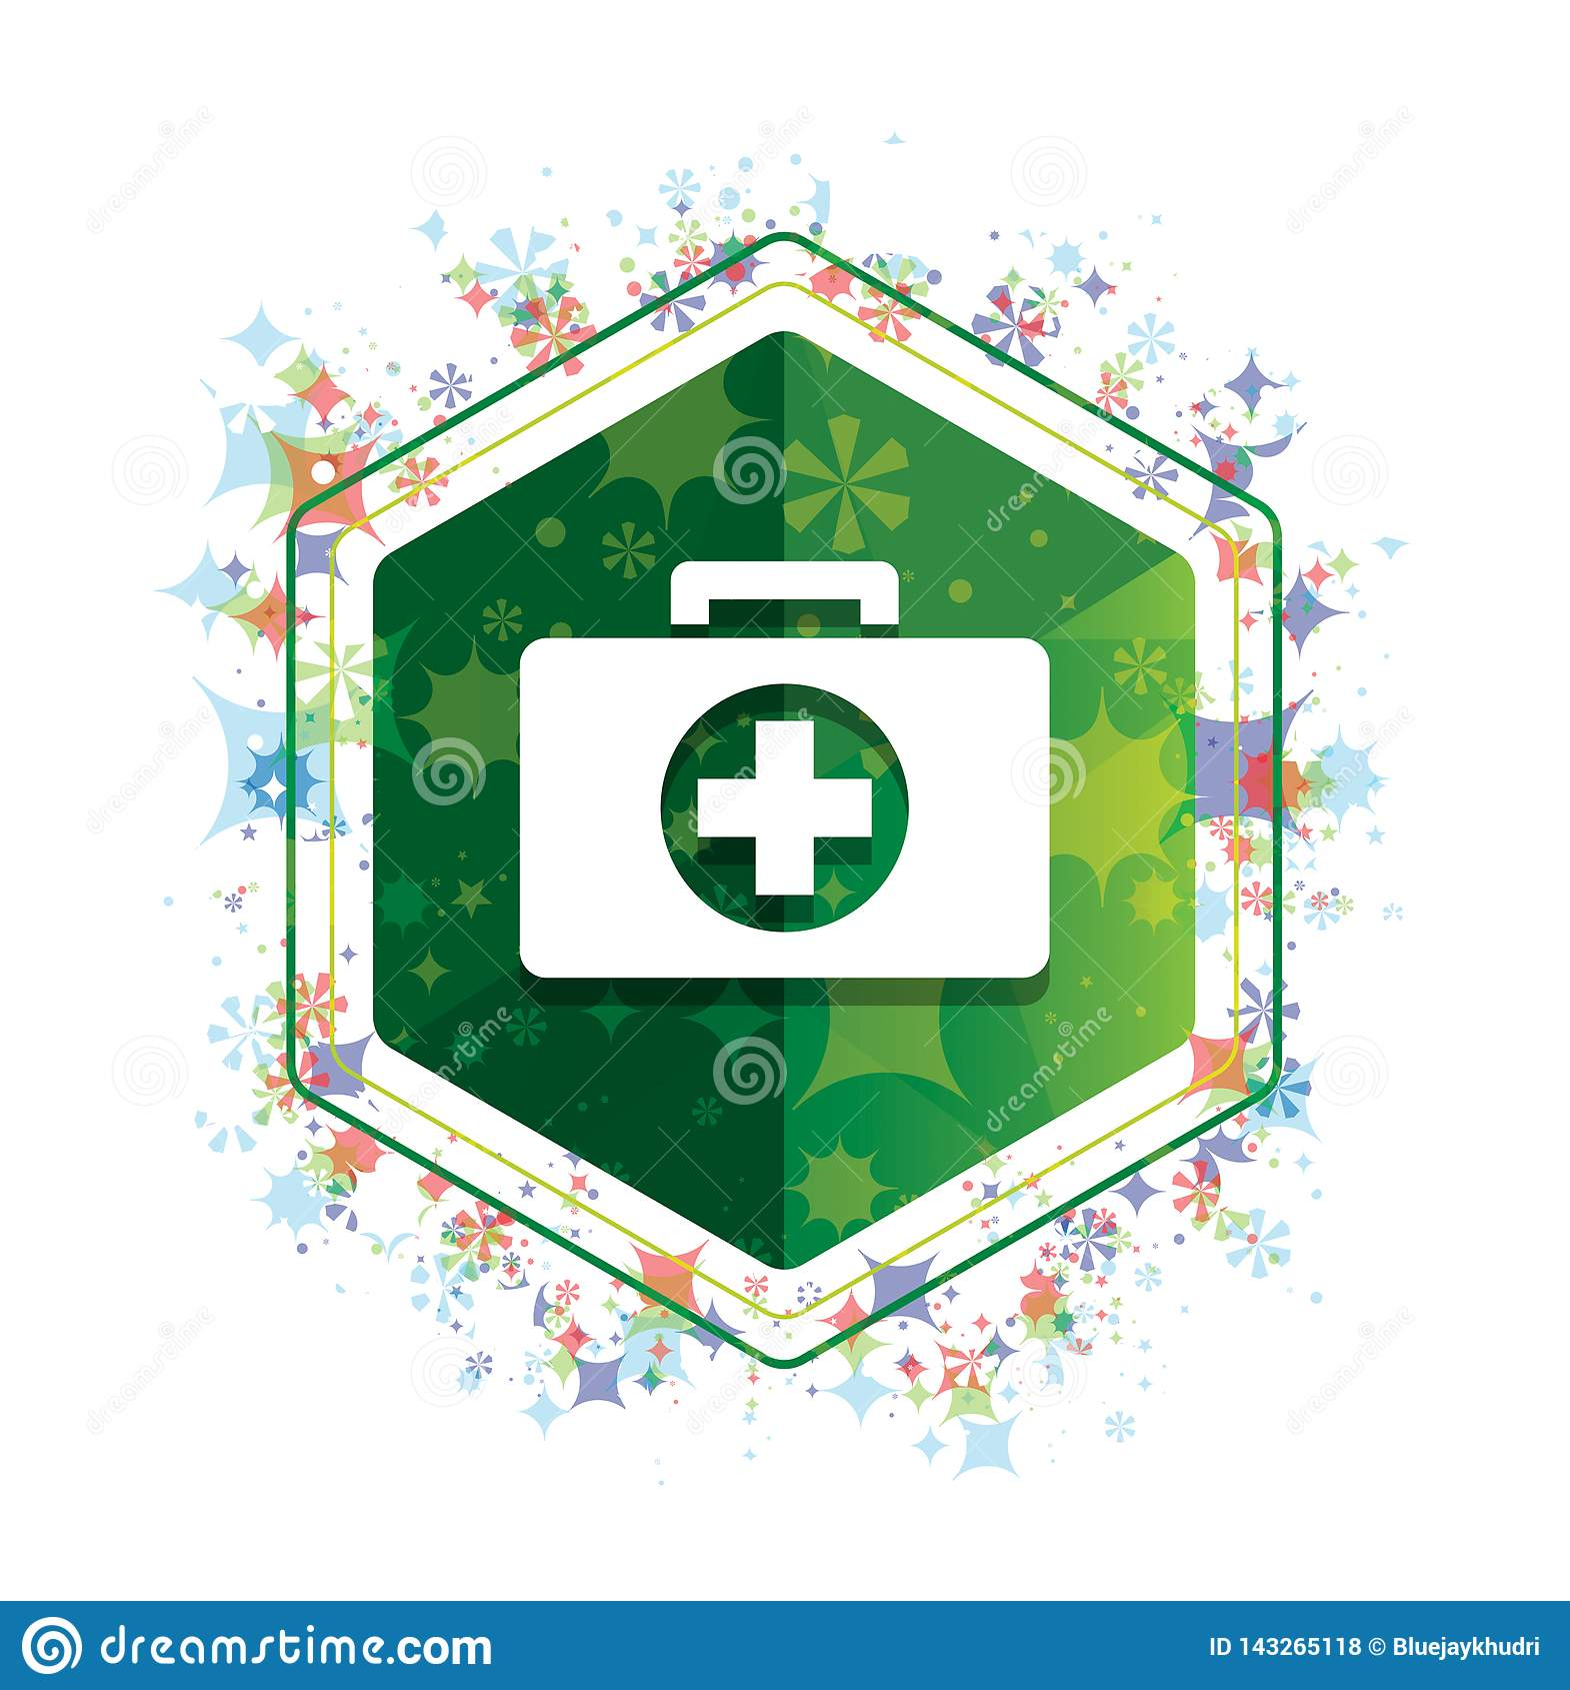 Botão floral do hexágono do verde do teste padrão das plantas do ícone do kit de primeiros socorros